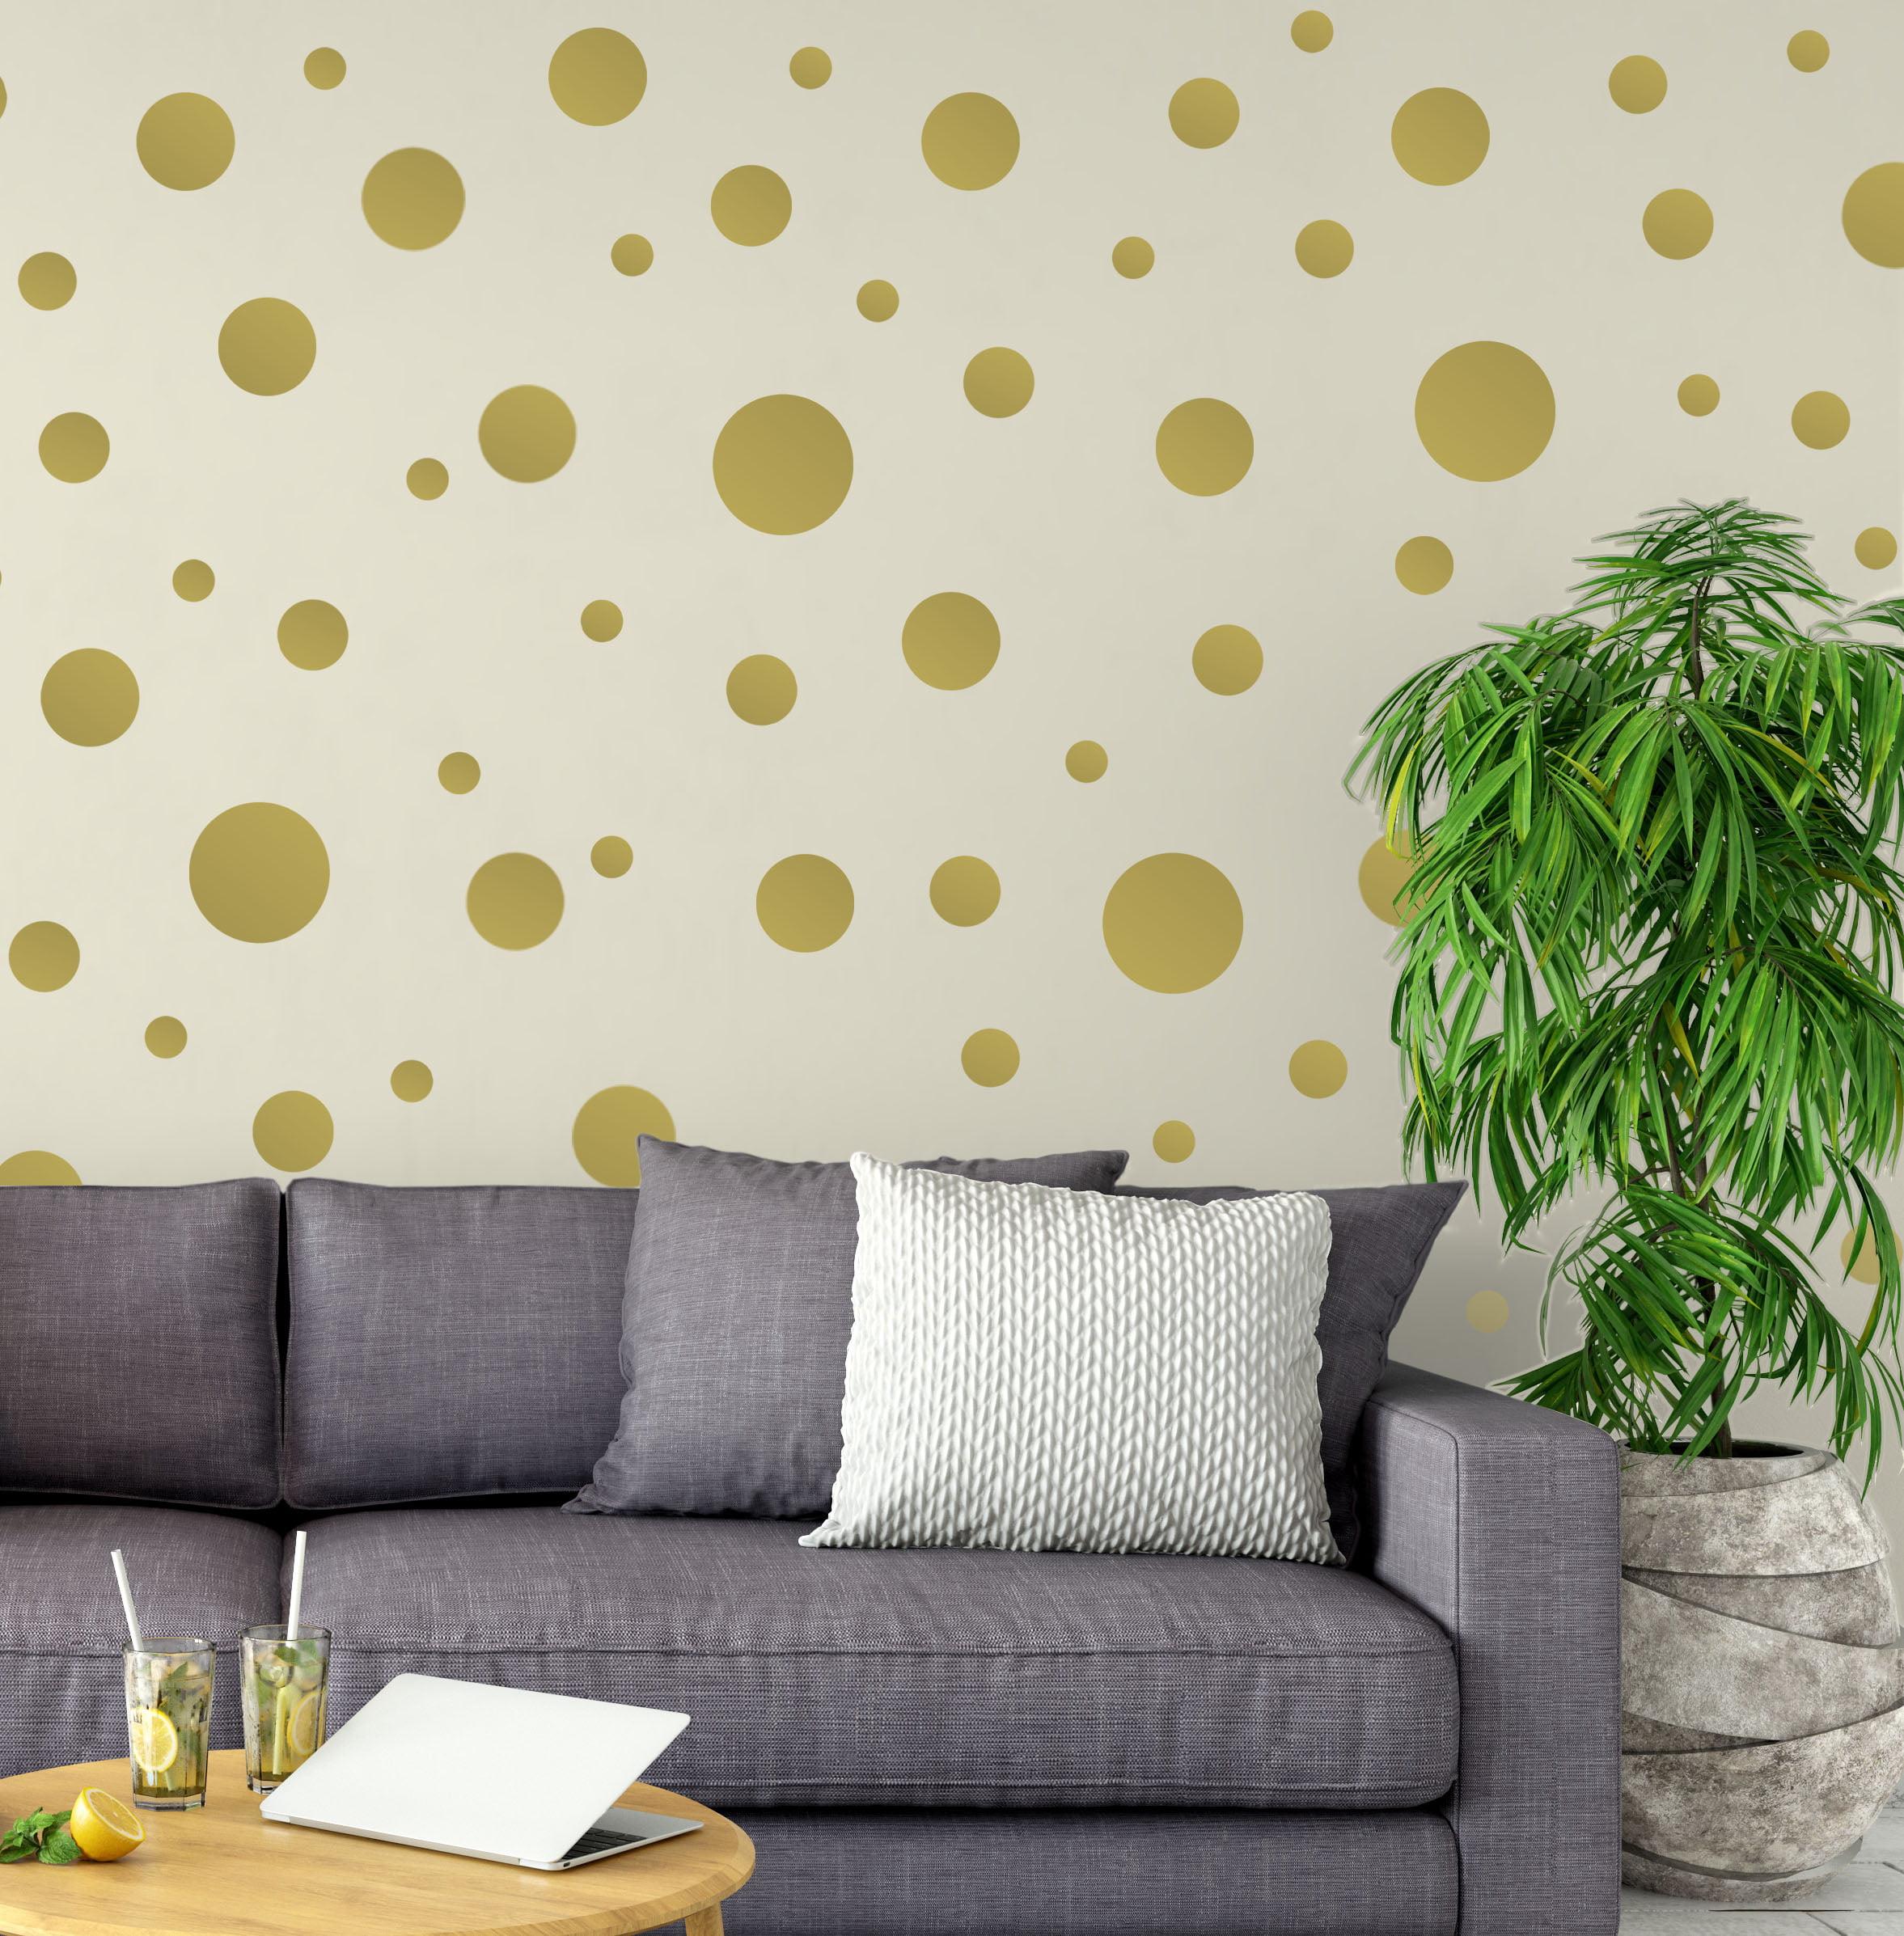 Gold Polka Dots Wall Decals Stickers Vinyl Circle Kids Room Decor Includes 63 Dots1 6 5 Walmart Com Walmart Com